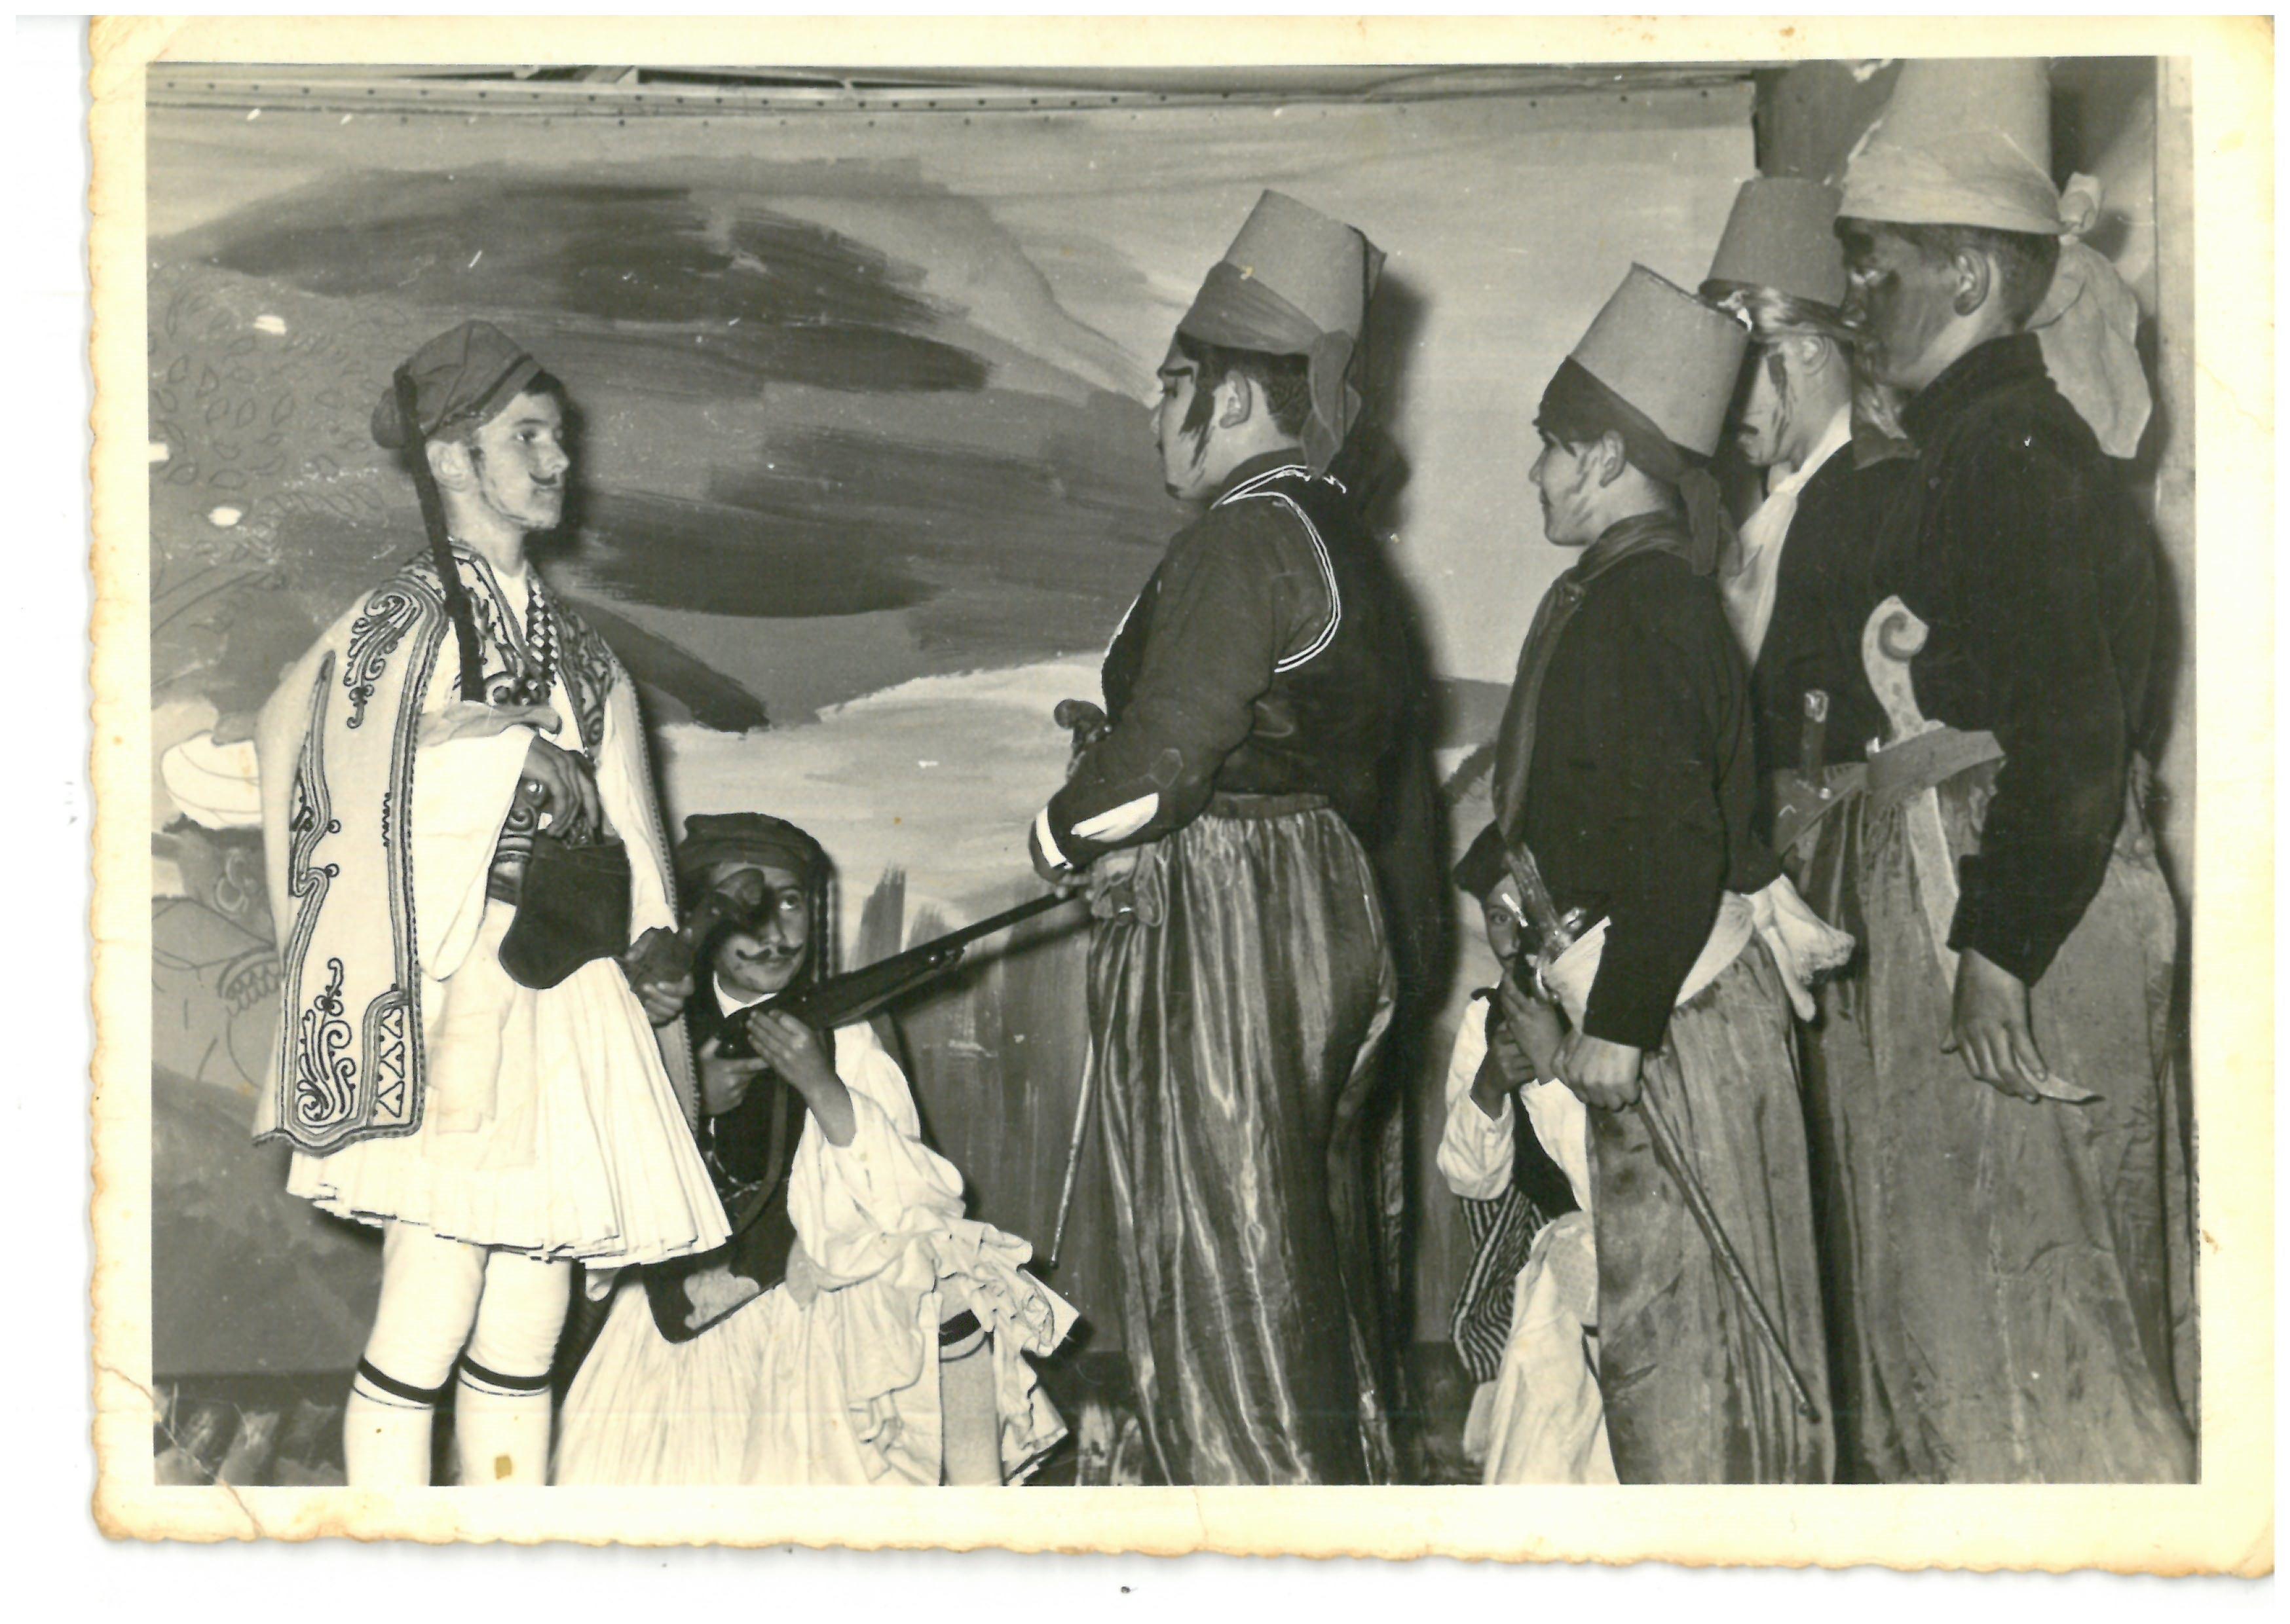 Ο Σπύρος Μπουρνάζος στο τέλος της σχολικής χρονιάς σε θεατρικό έργο